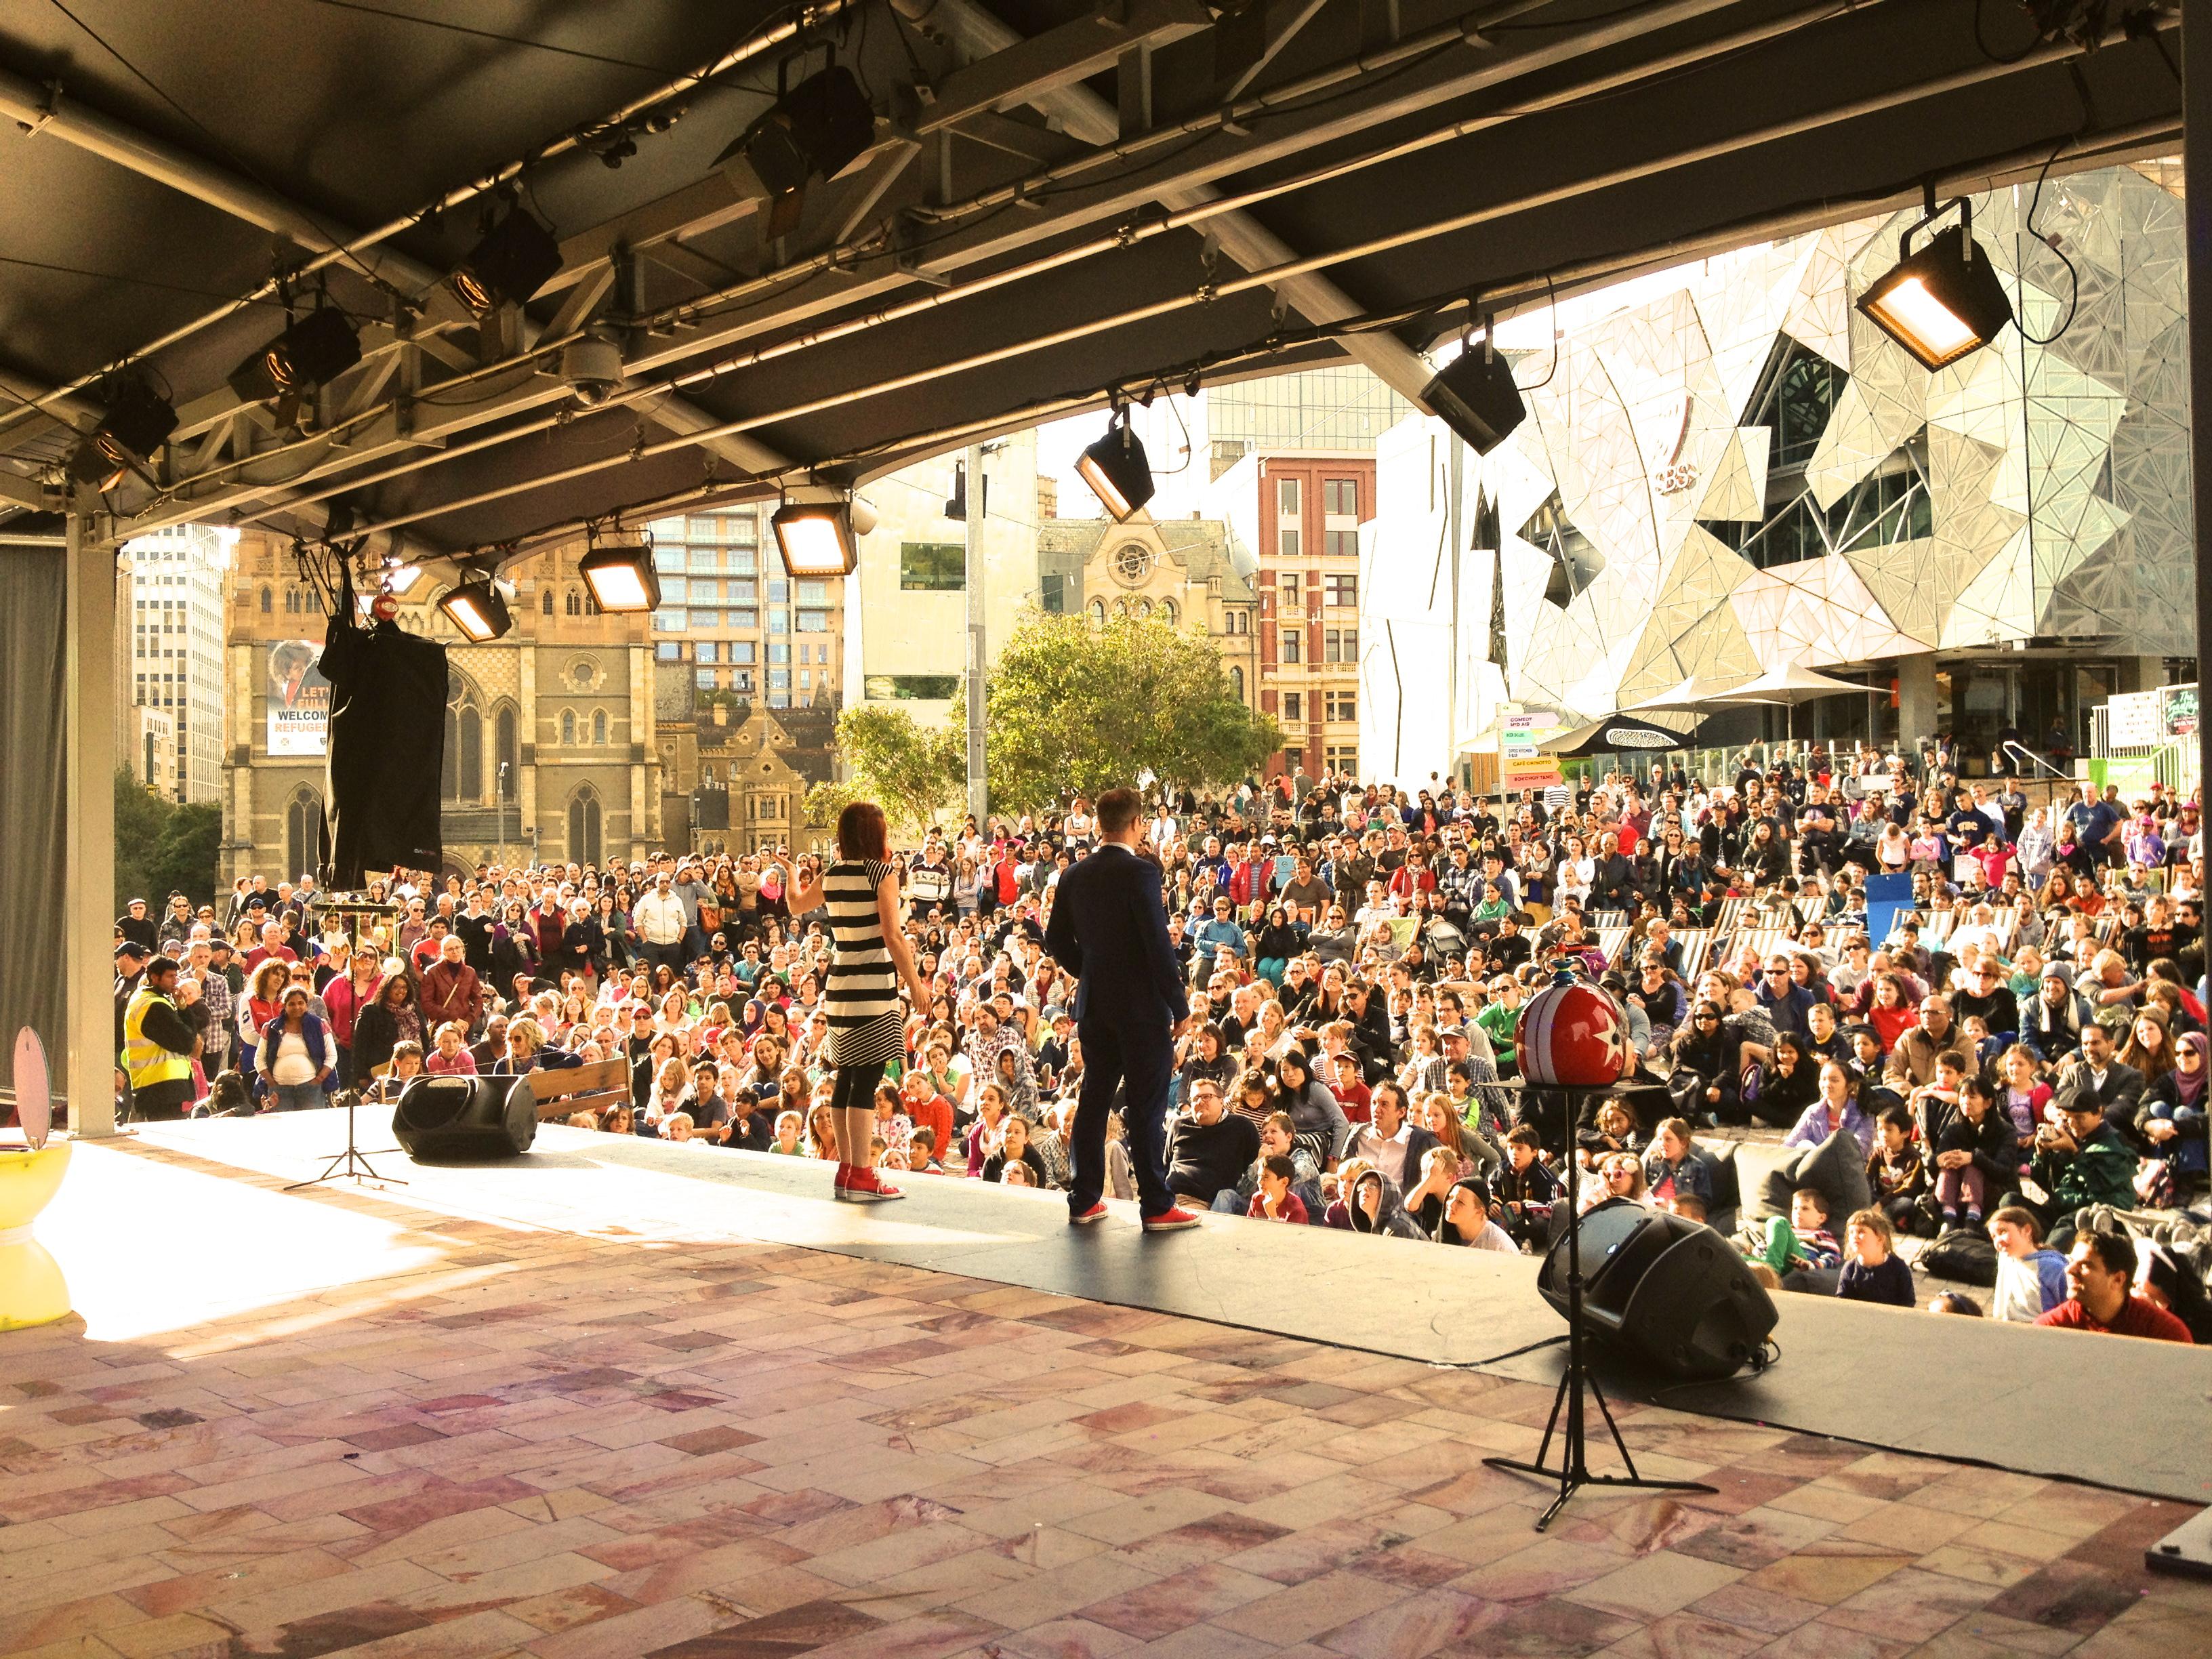 Melbourne Comedy Festival, Australia